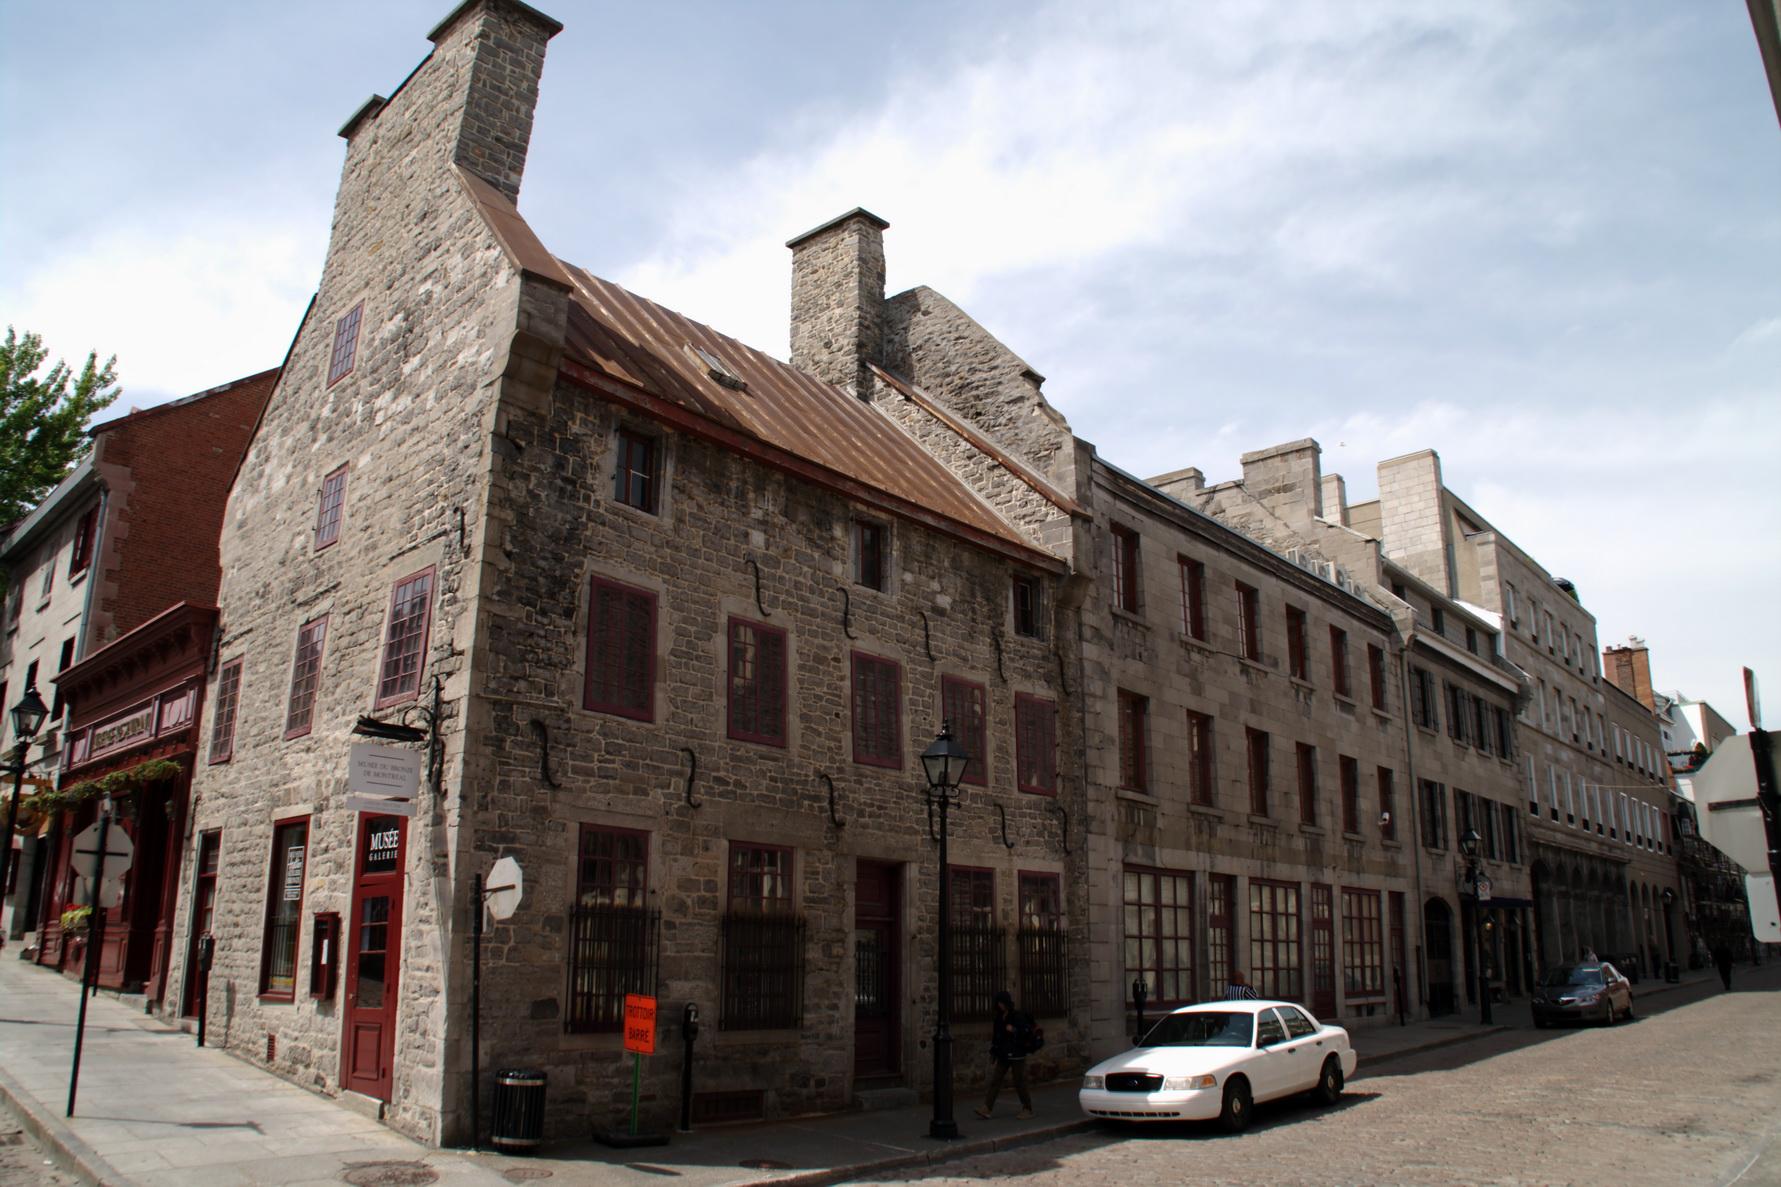 Rue du passé, rue du passant, une partie de l'histoire de Montréal s'y trouve